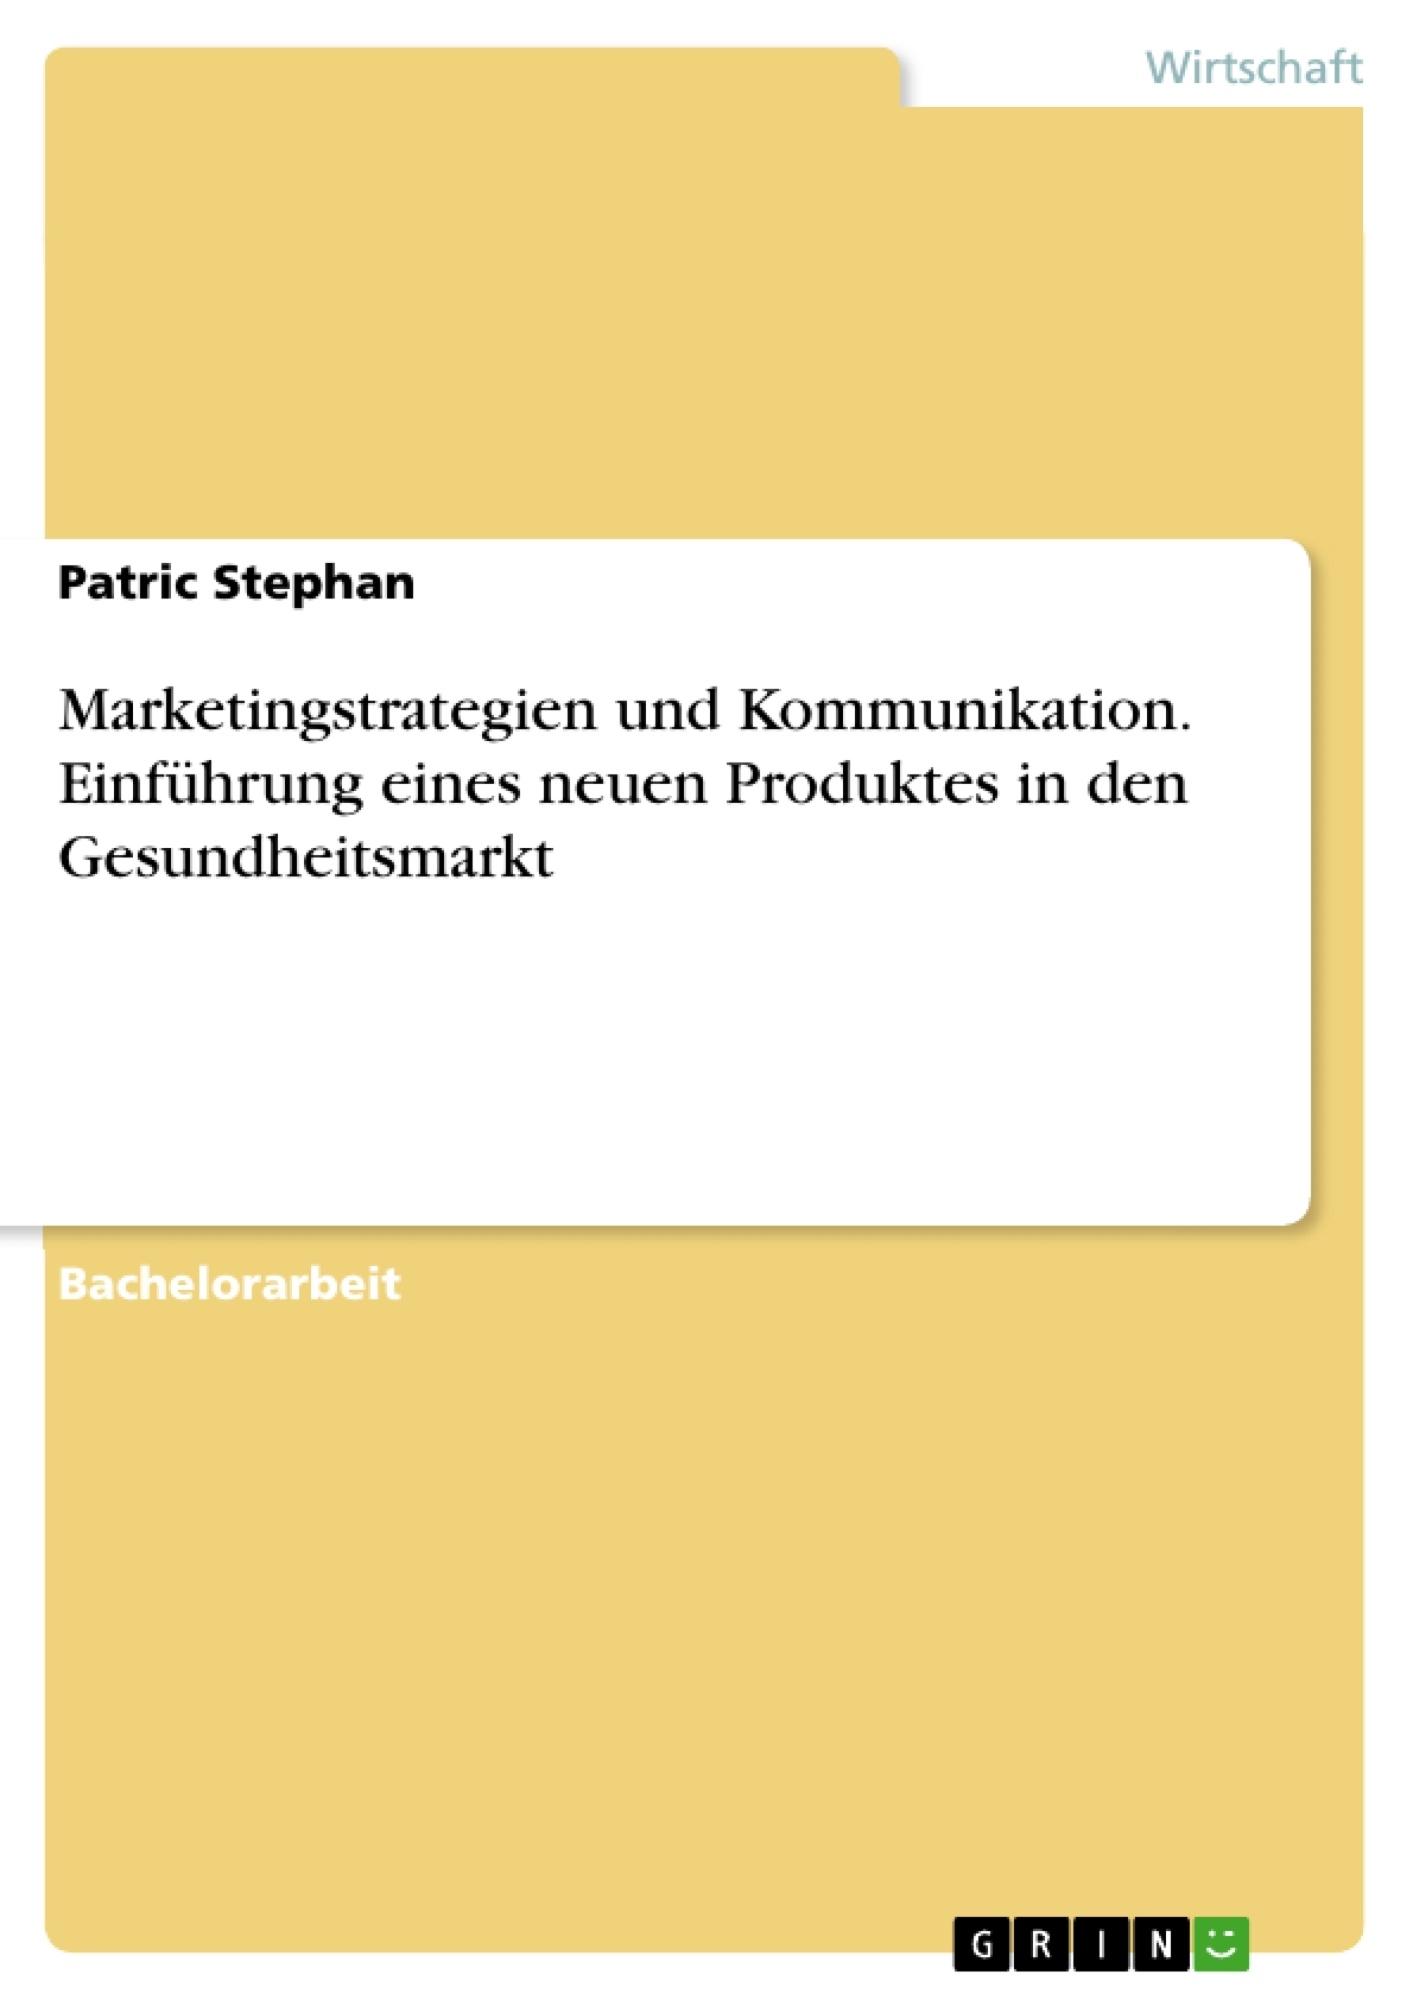 Titel: Marketingstrategien und Kommunikation. Einführung eines neuen Produktes in den Gesundheitsmarkt